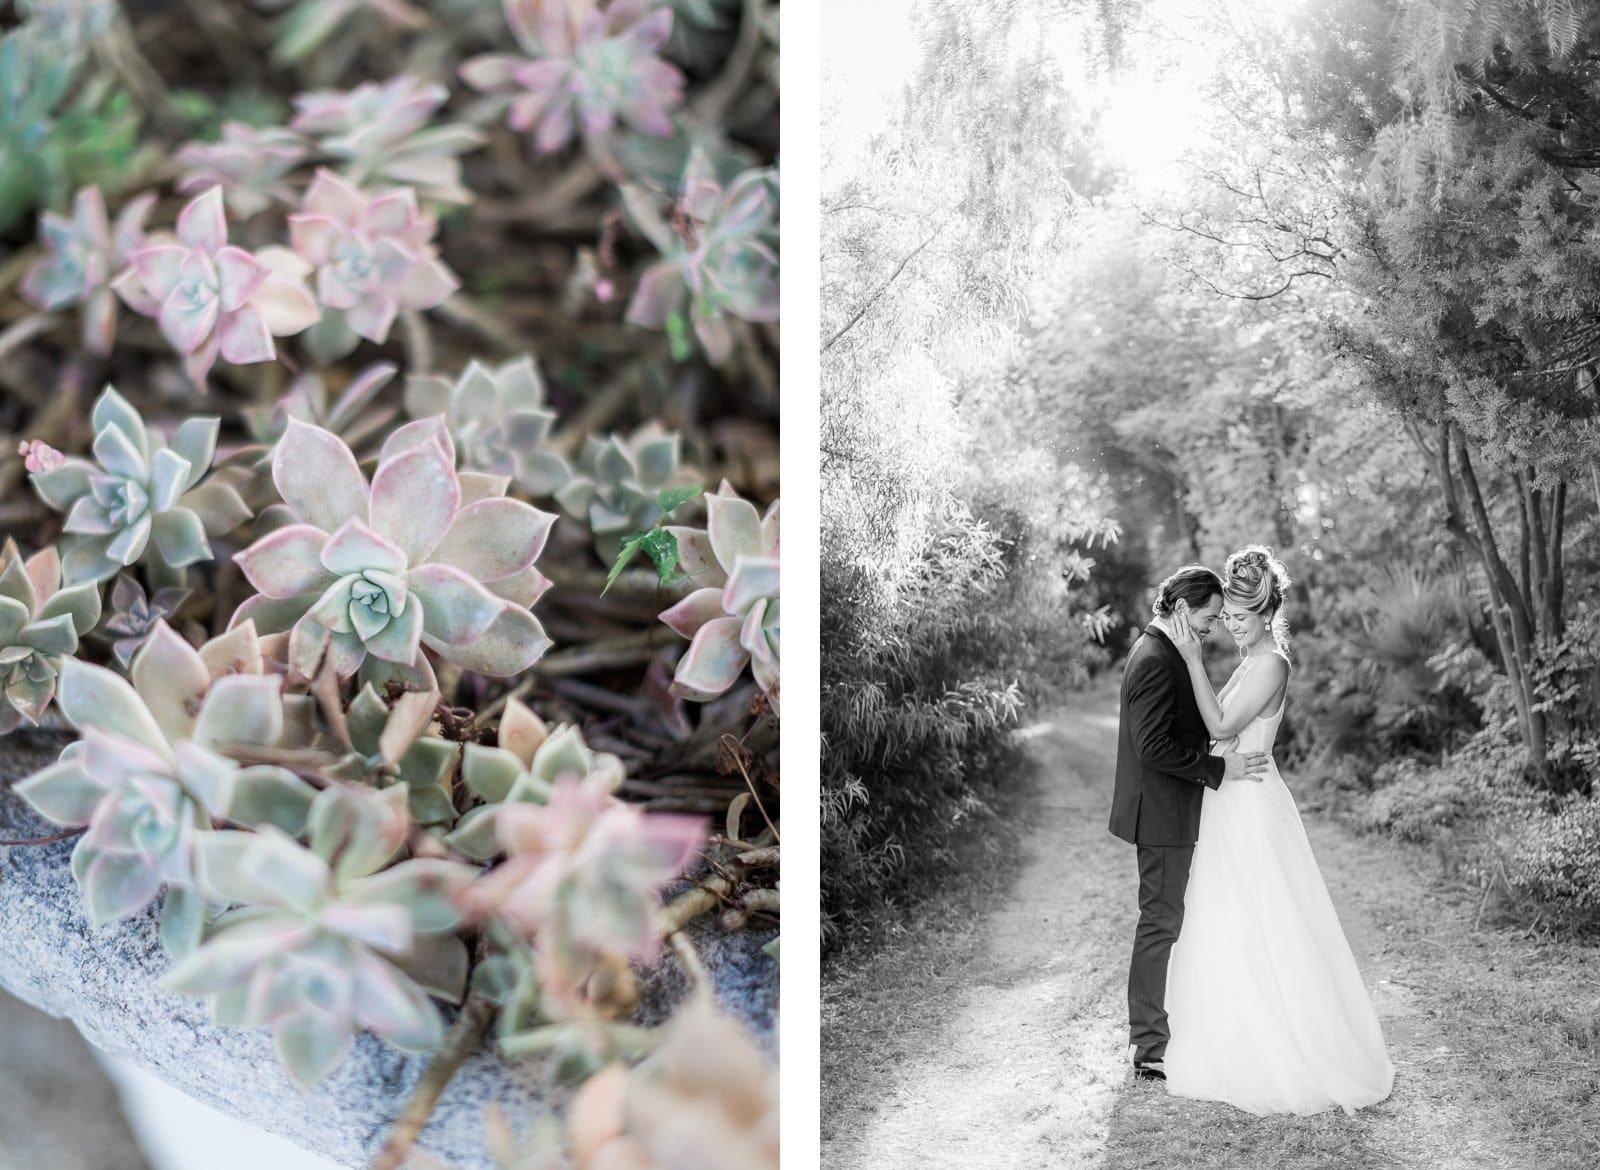 Photographie de Mathieu Dété présentant les mariés en train de danser dans les jardins de la Villa Brignac à Ollioules